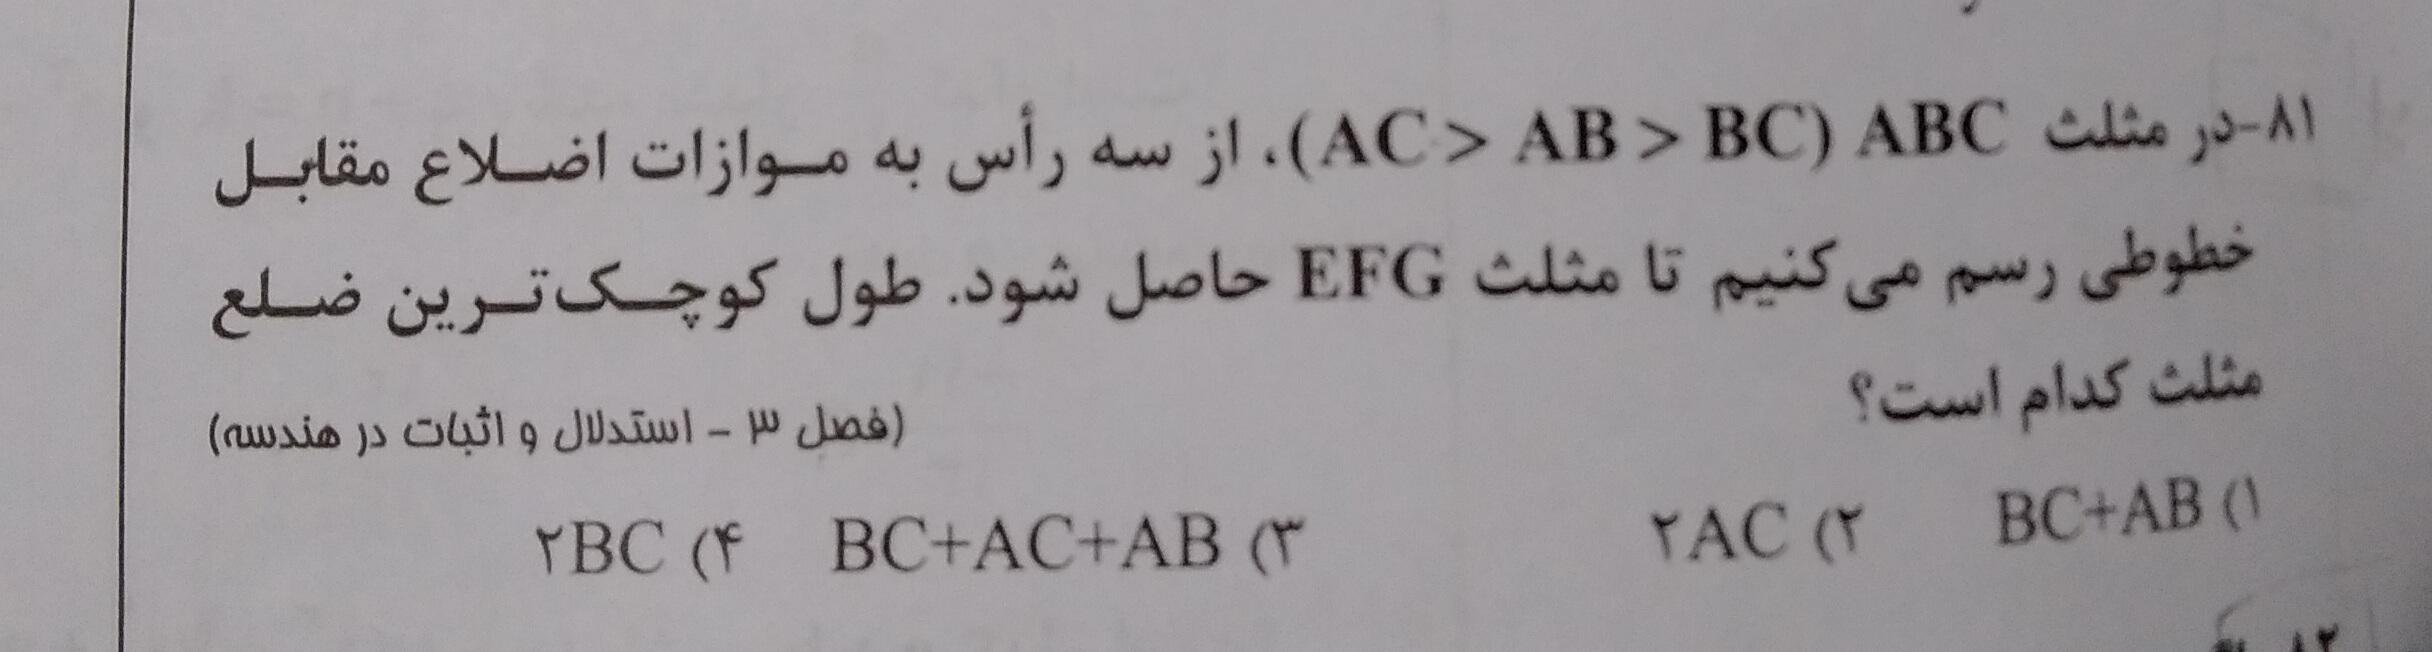 تصویر ضمیمه سوال: در مثلث abc خطوطی رسم میکنیم تا مثلثefg حاصل شود طول کوچکترین ضلع؟